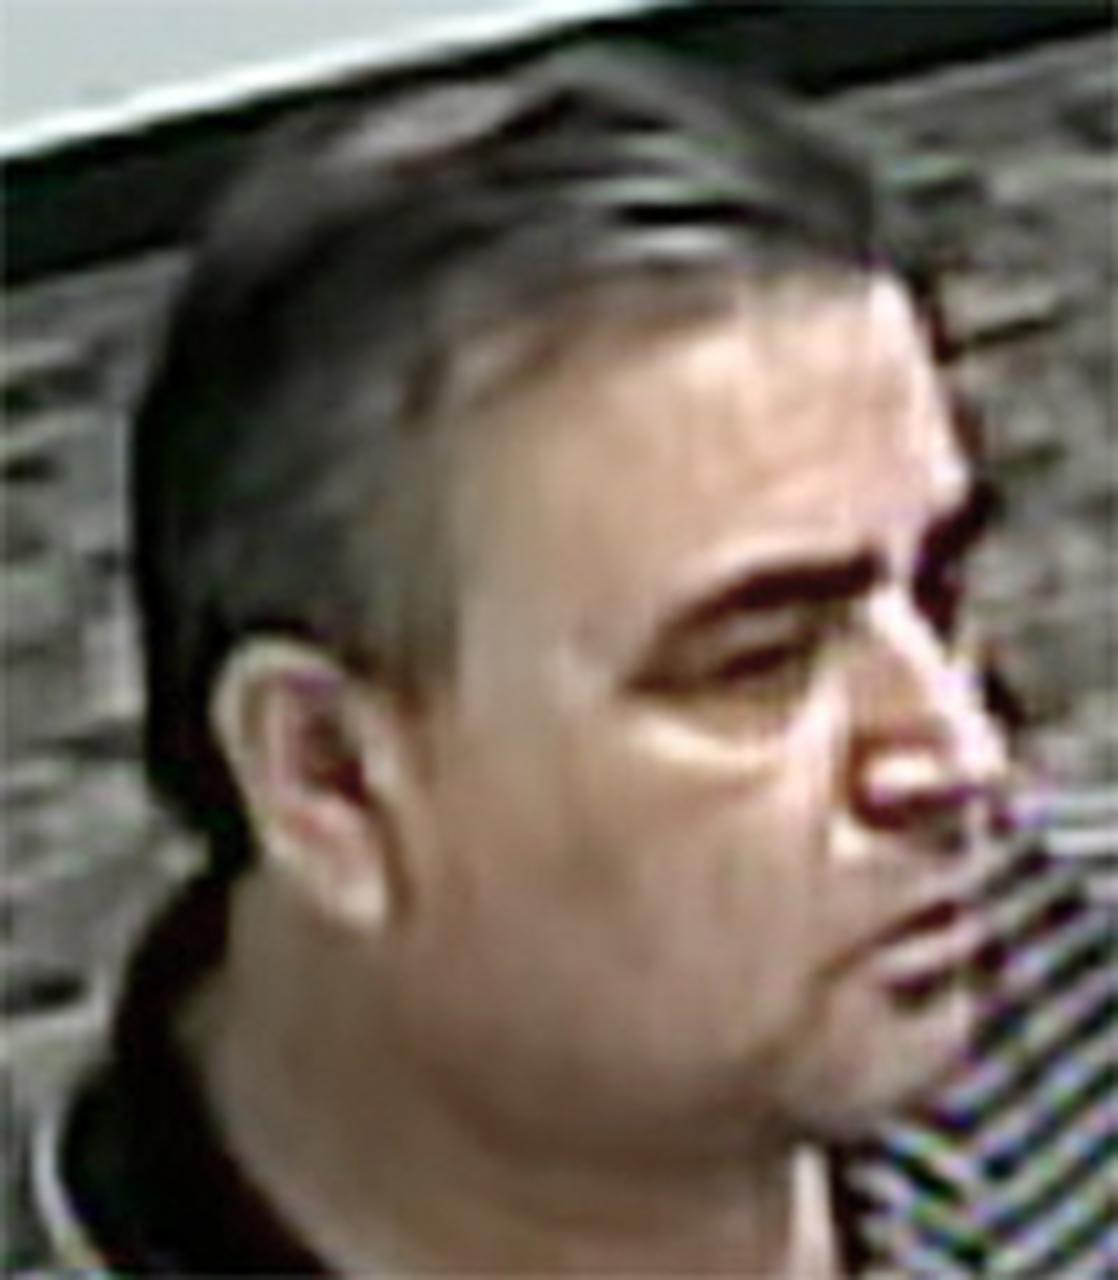 Jesús Gerardo Ledezma Cepeda es el padre de Jesús Gerardo Ledezma Campano Jr., y las autoridades lo relacionaron con varios asesinatos en México.